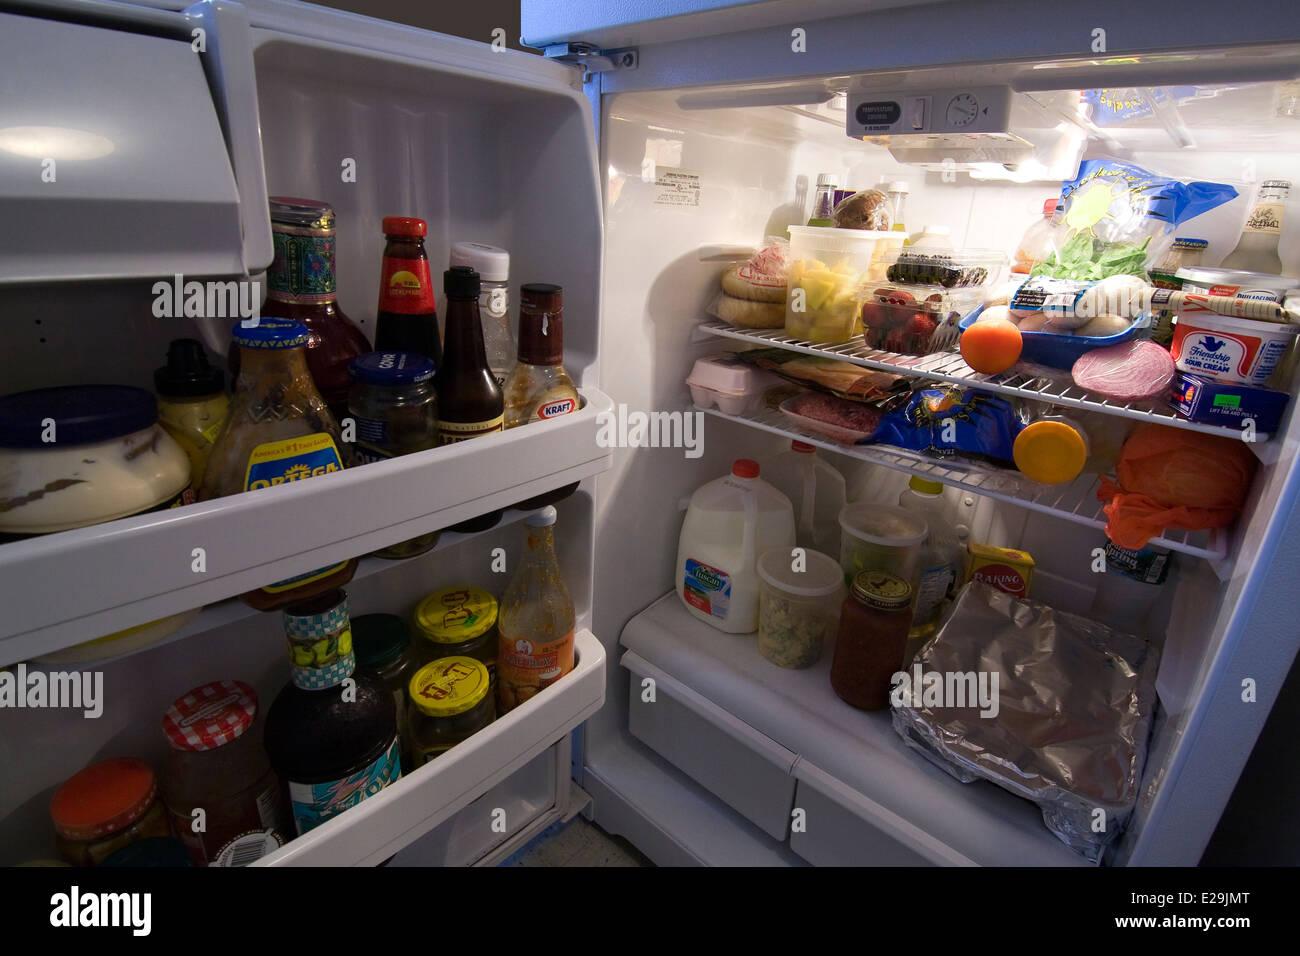 Kühlschrank Licht : Tür zu einem kühlschrank offen mit licht auf die darstellung der